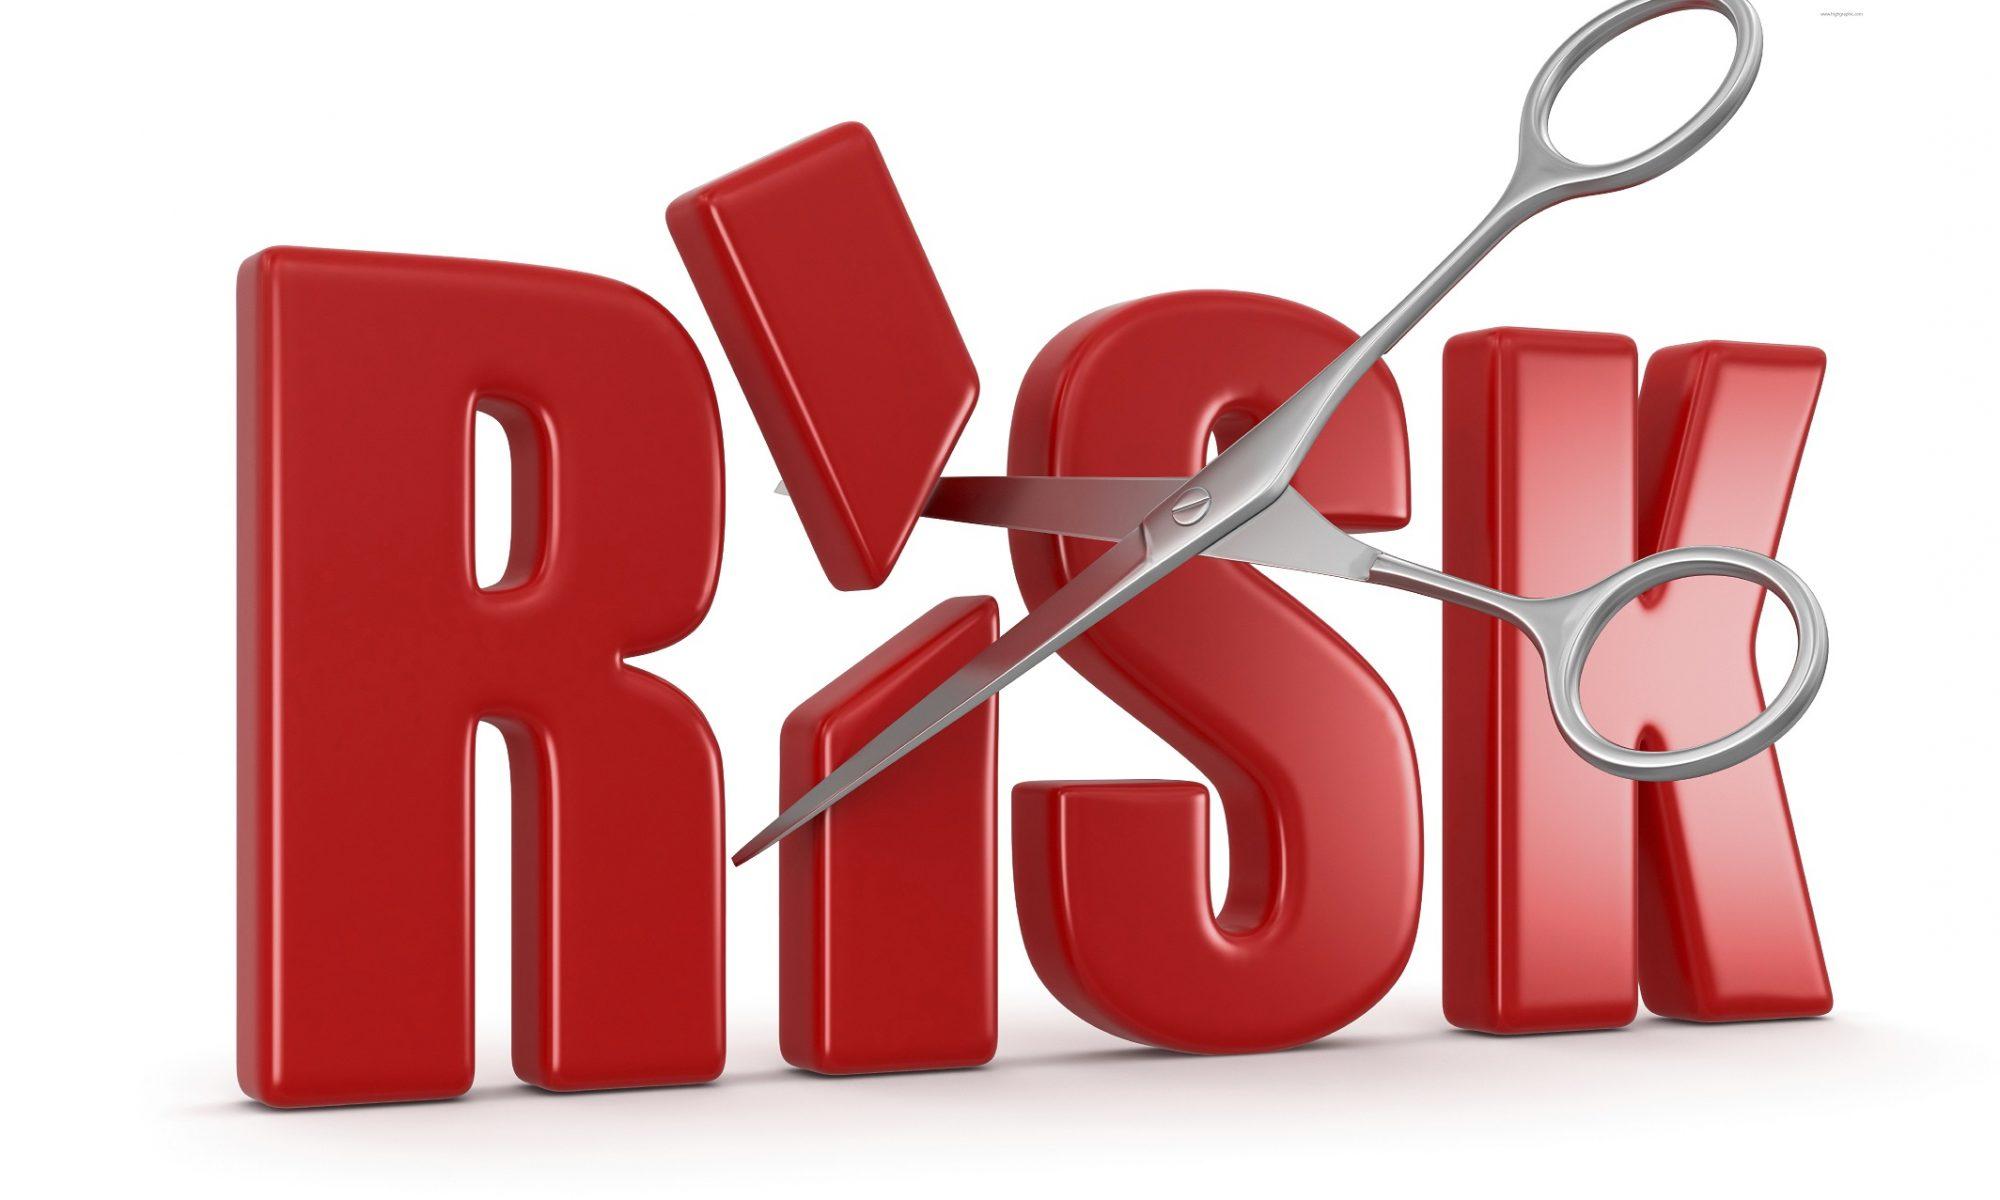 نتیجه تصویری برای risk